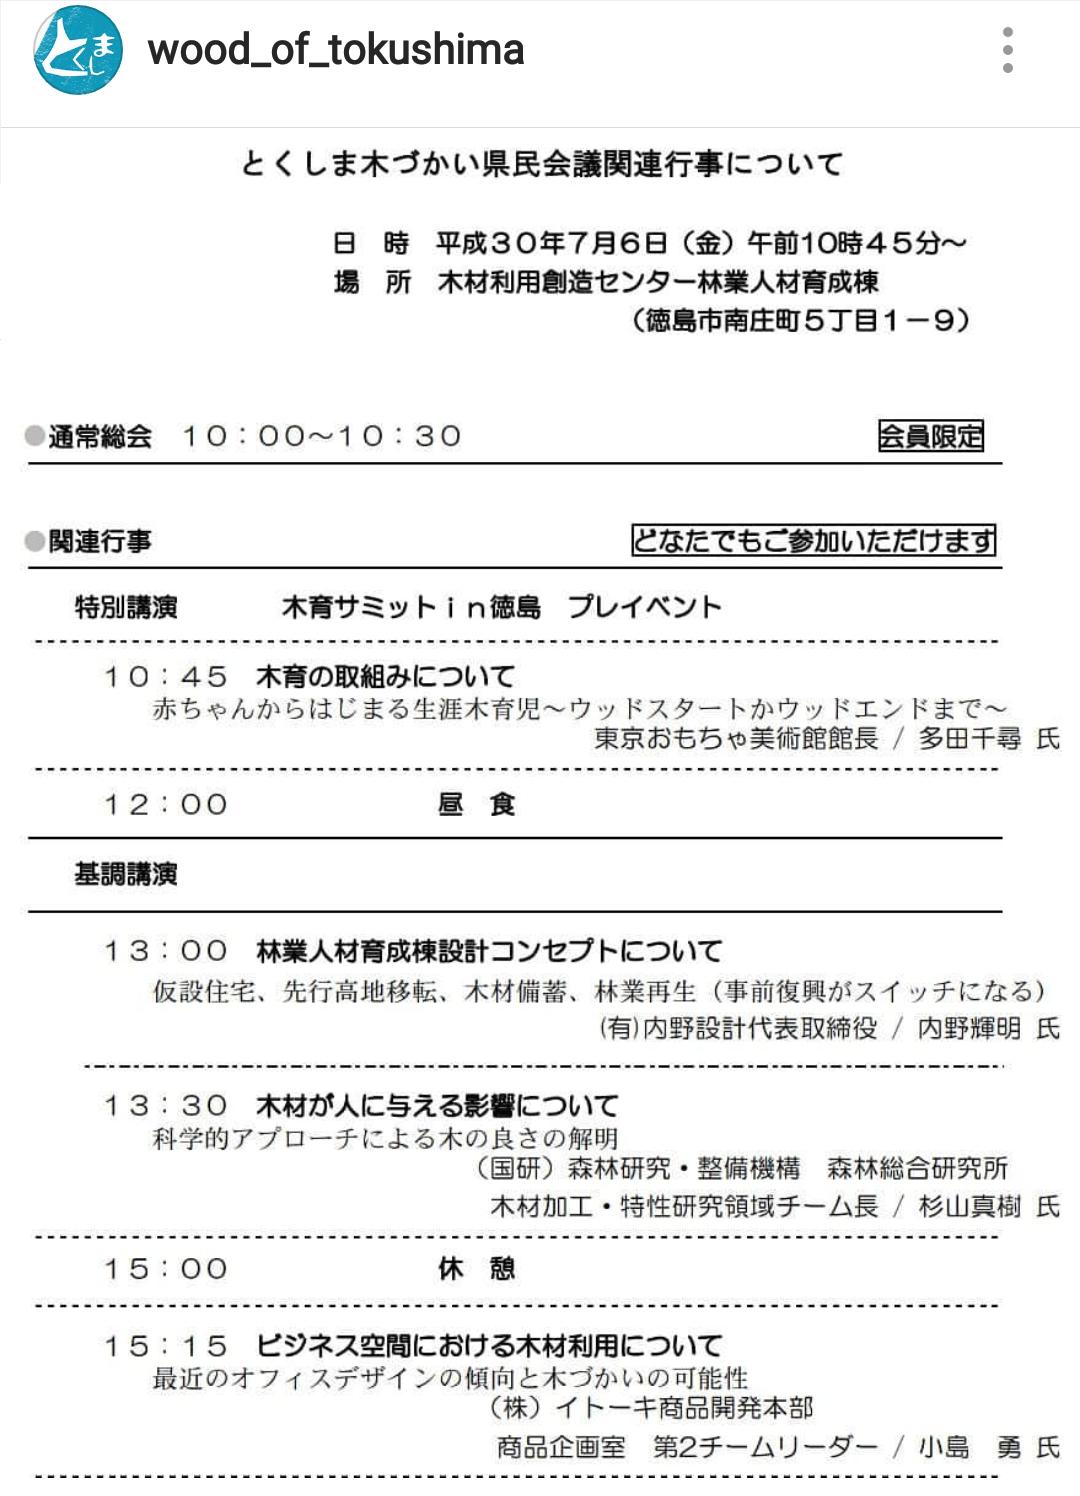 H30年7月6日 とくしま木づかい県民会議 木育サミットin徳島 プレイベント開催!